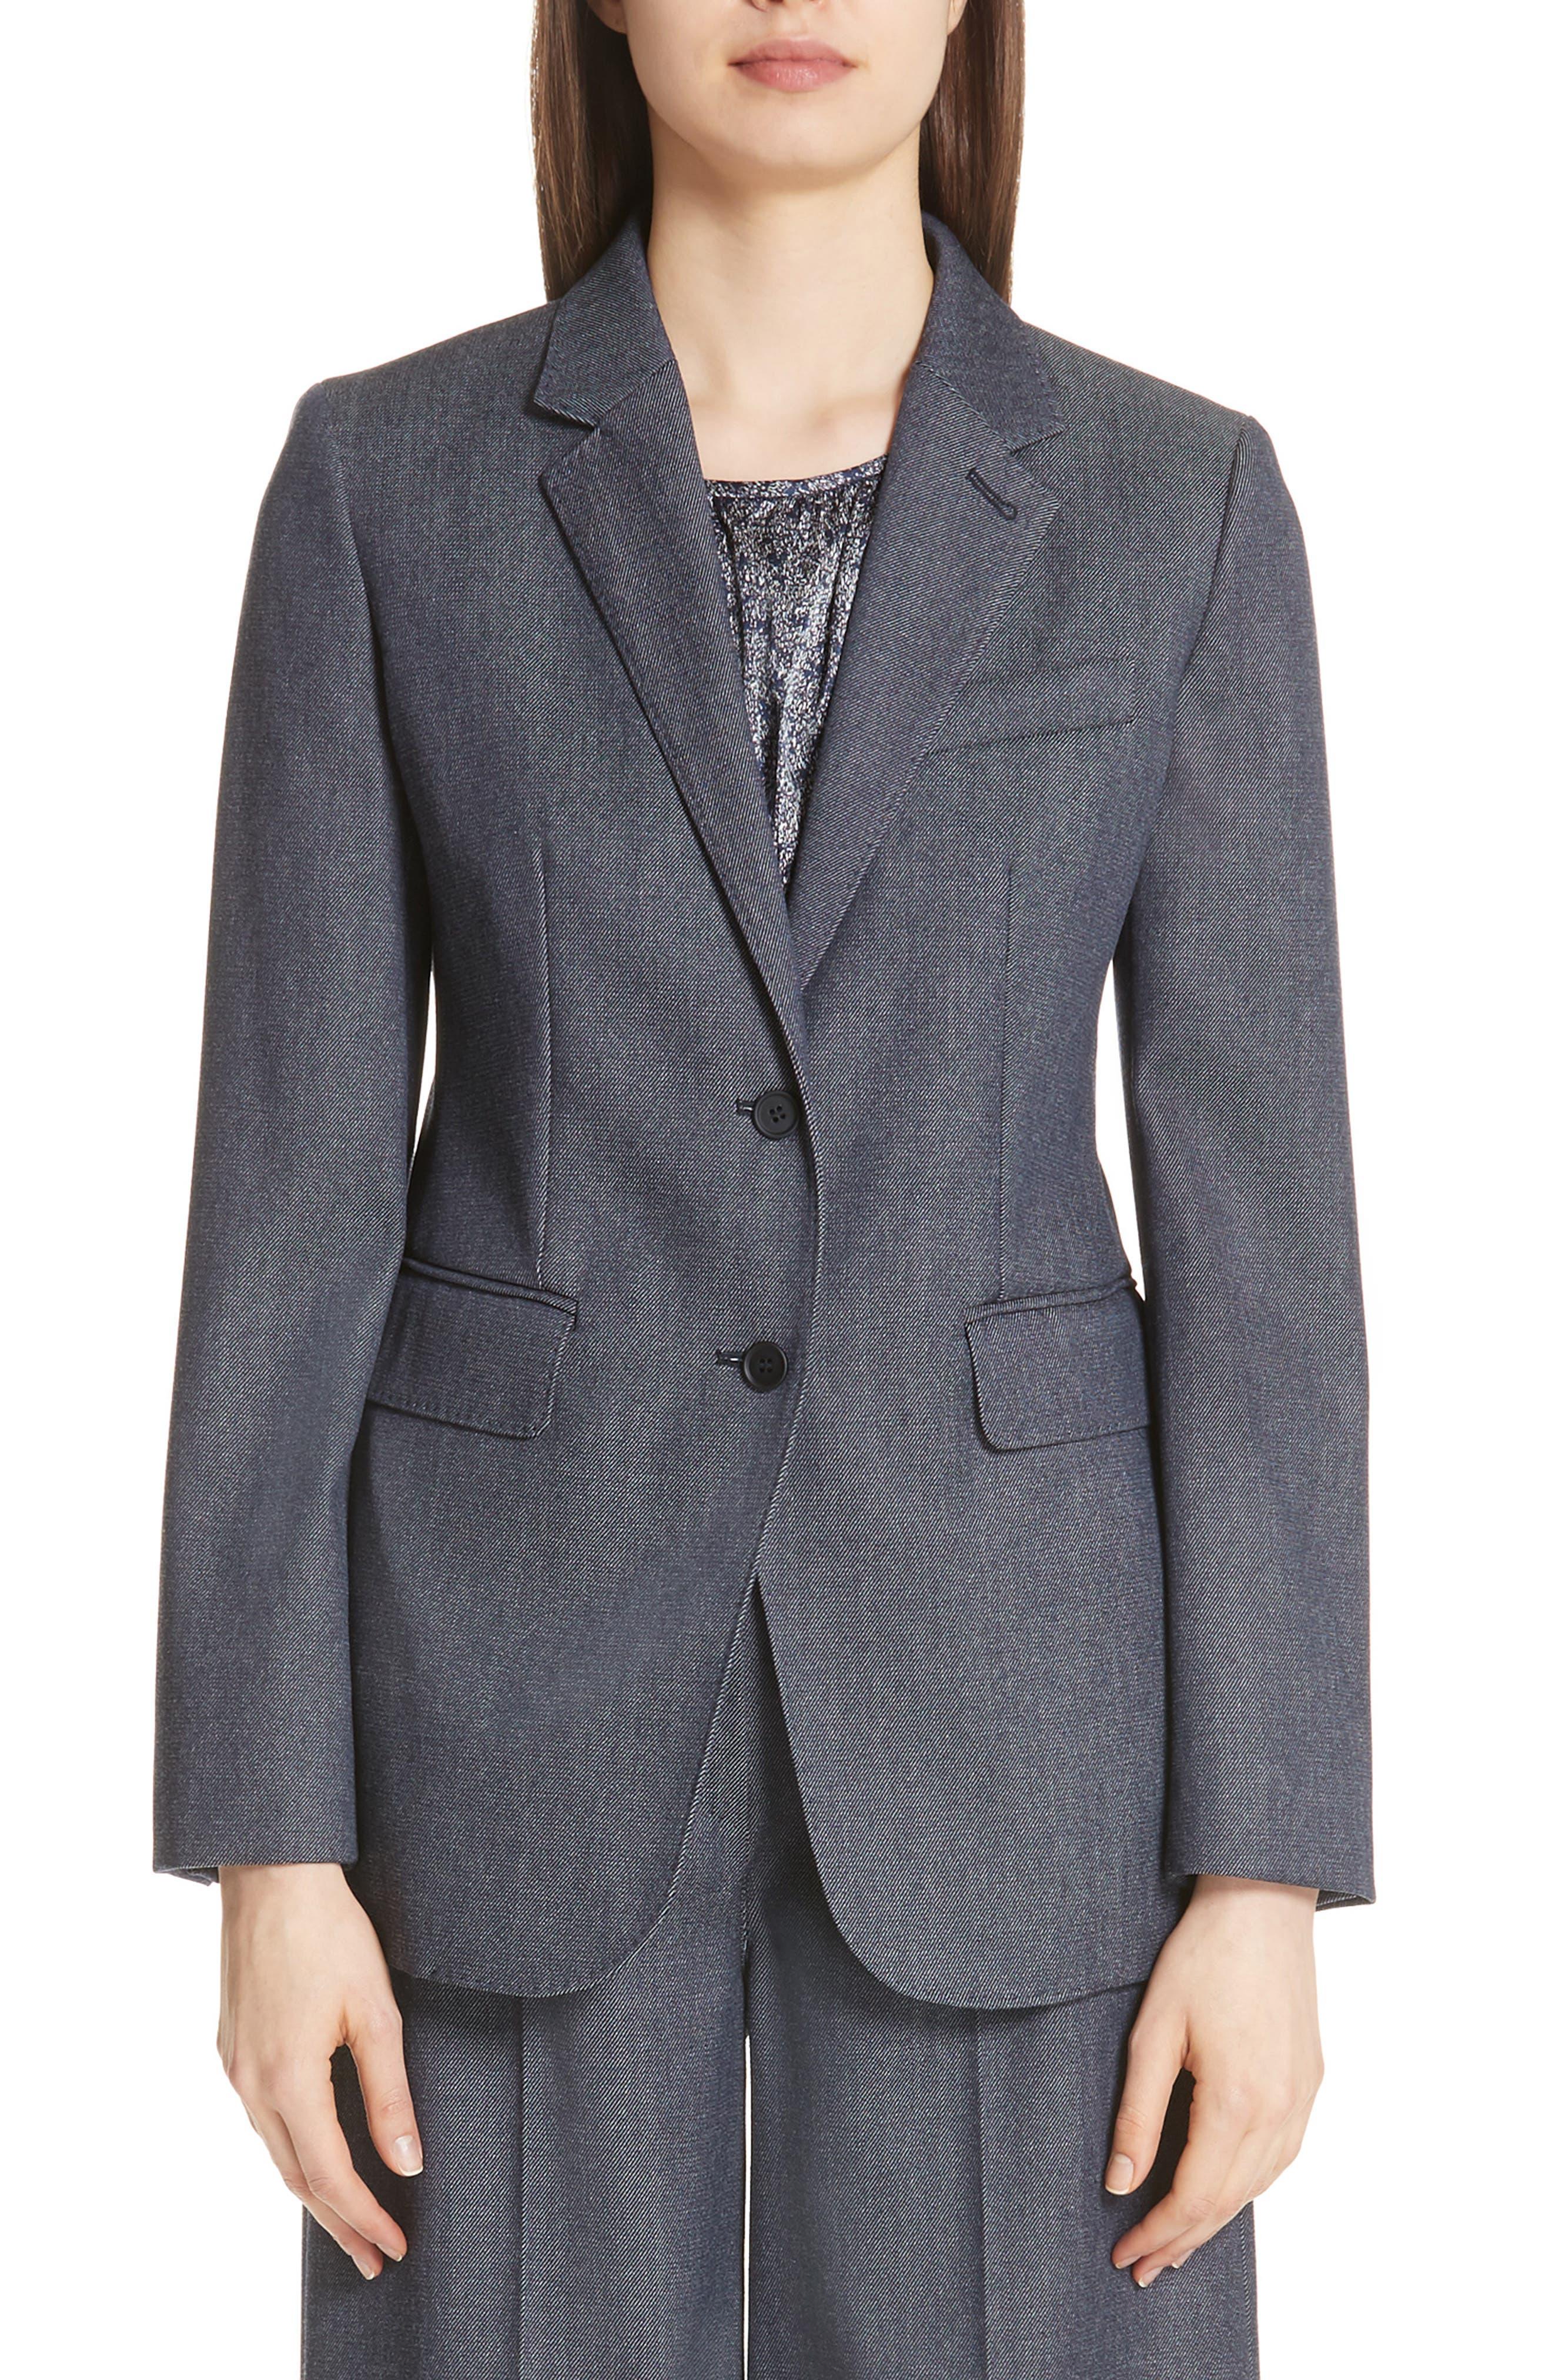 Ermesa Single-Breasted Wool Jacket in Blue